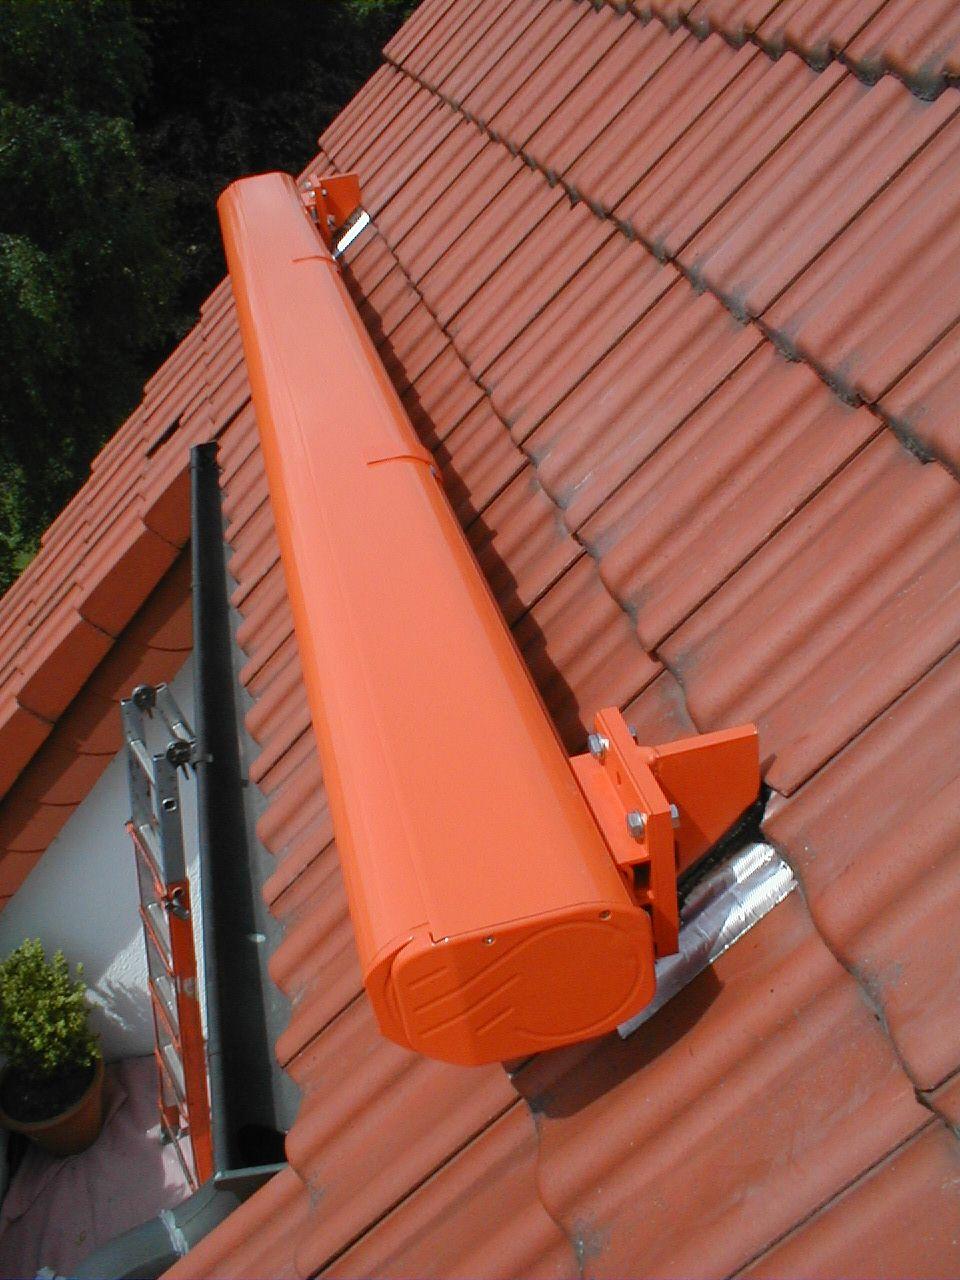 kassettenmarkise auf dem dach angebracht vom fenster rollladen und sonnenschutz fachbetrieb. Black Bedroom Furniture Sets. Home Design Ideas